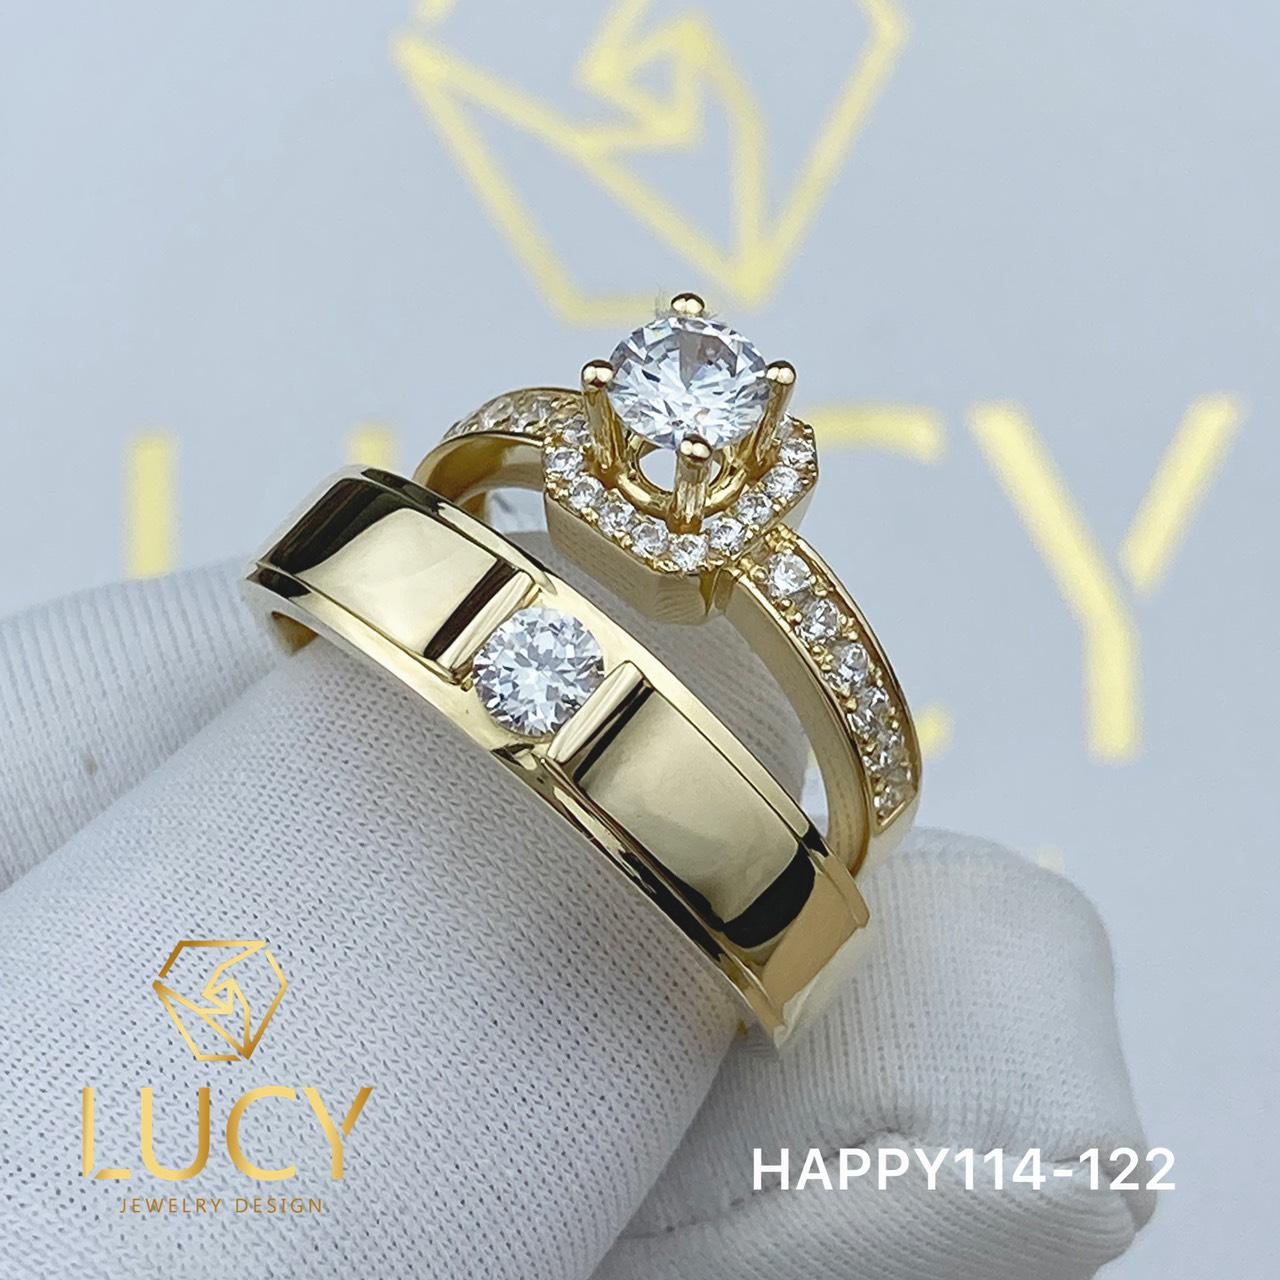 HAPPY114-122 Nhẫn cưới đẹp vàng tây, vàng trắng, vàng hồng 10k 14k 18k, Bạch Kim Platinum PT900 đính CZ, Moissanite, Kim cương - Lucy Jewelry